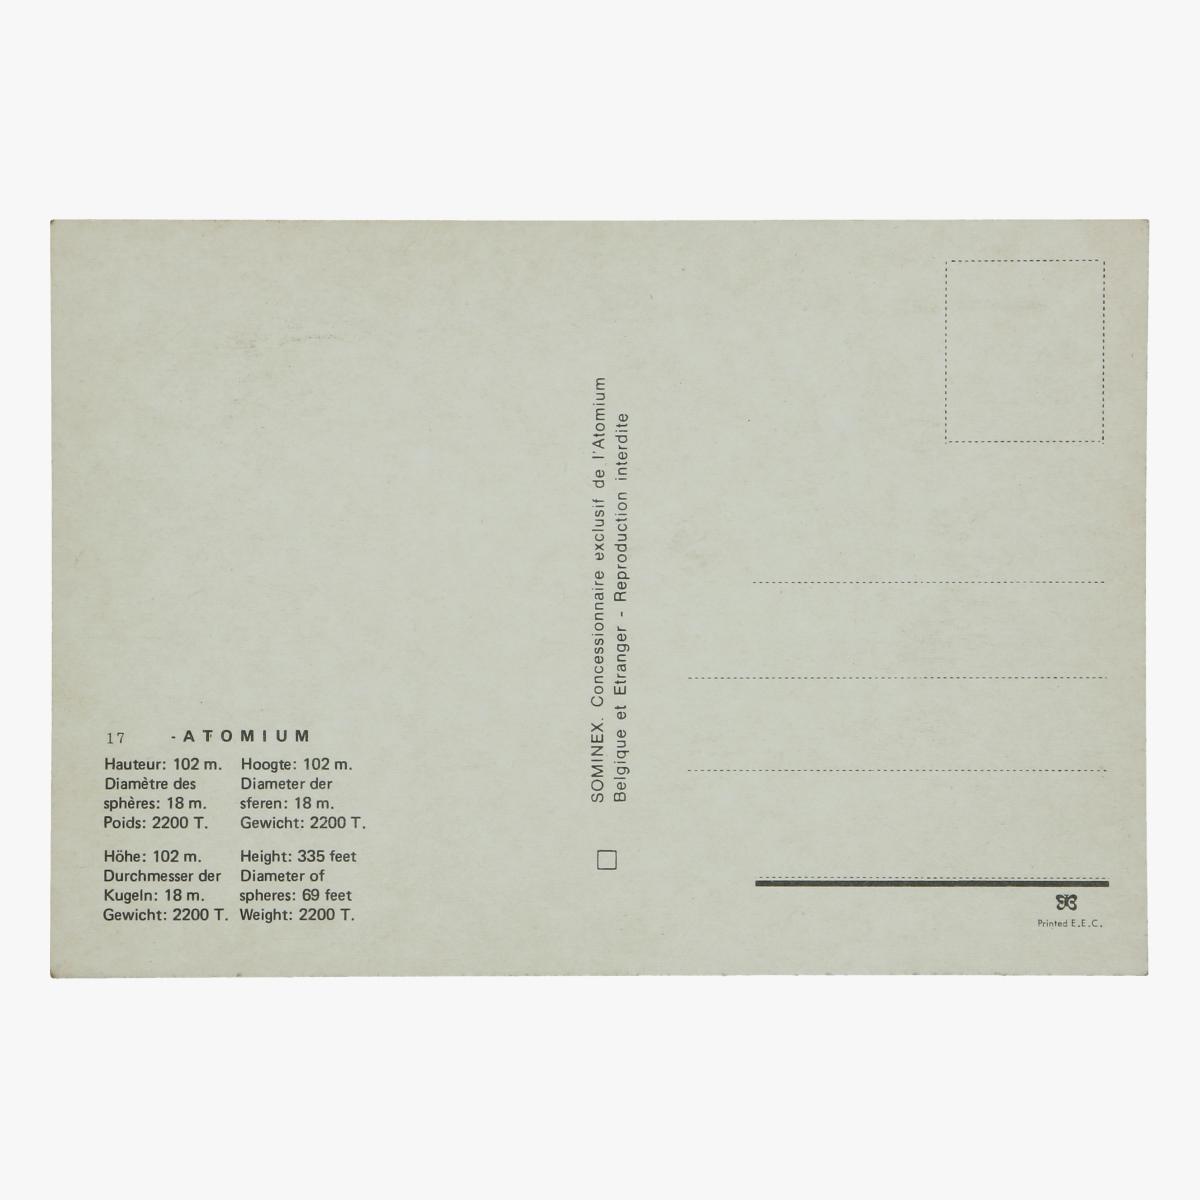 Afbeeldingen van postkaart atomium  hoogte 102m. diameter der sferen 18m gewicht 2200 ton